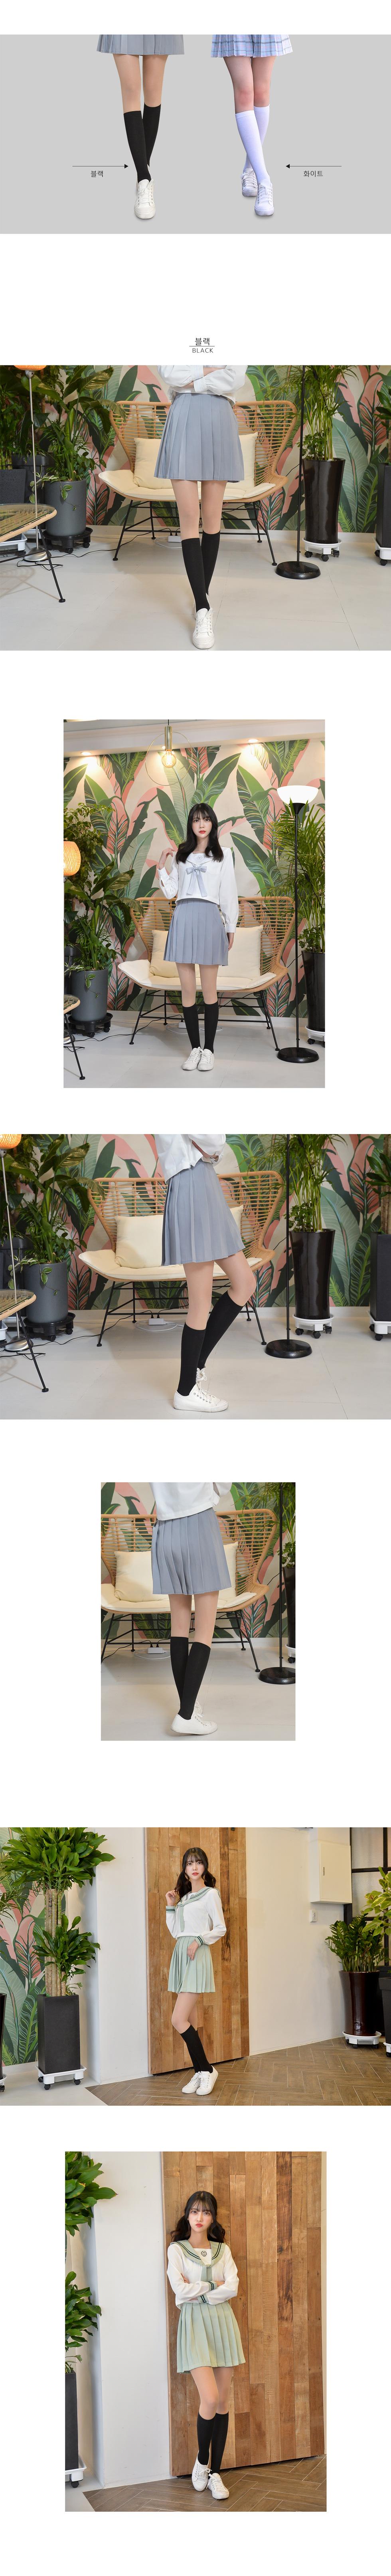 001_long_sock_01.jpg